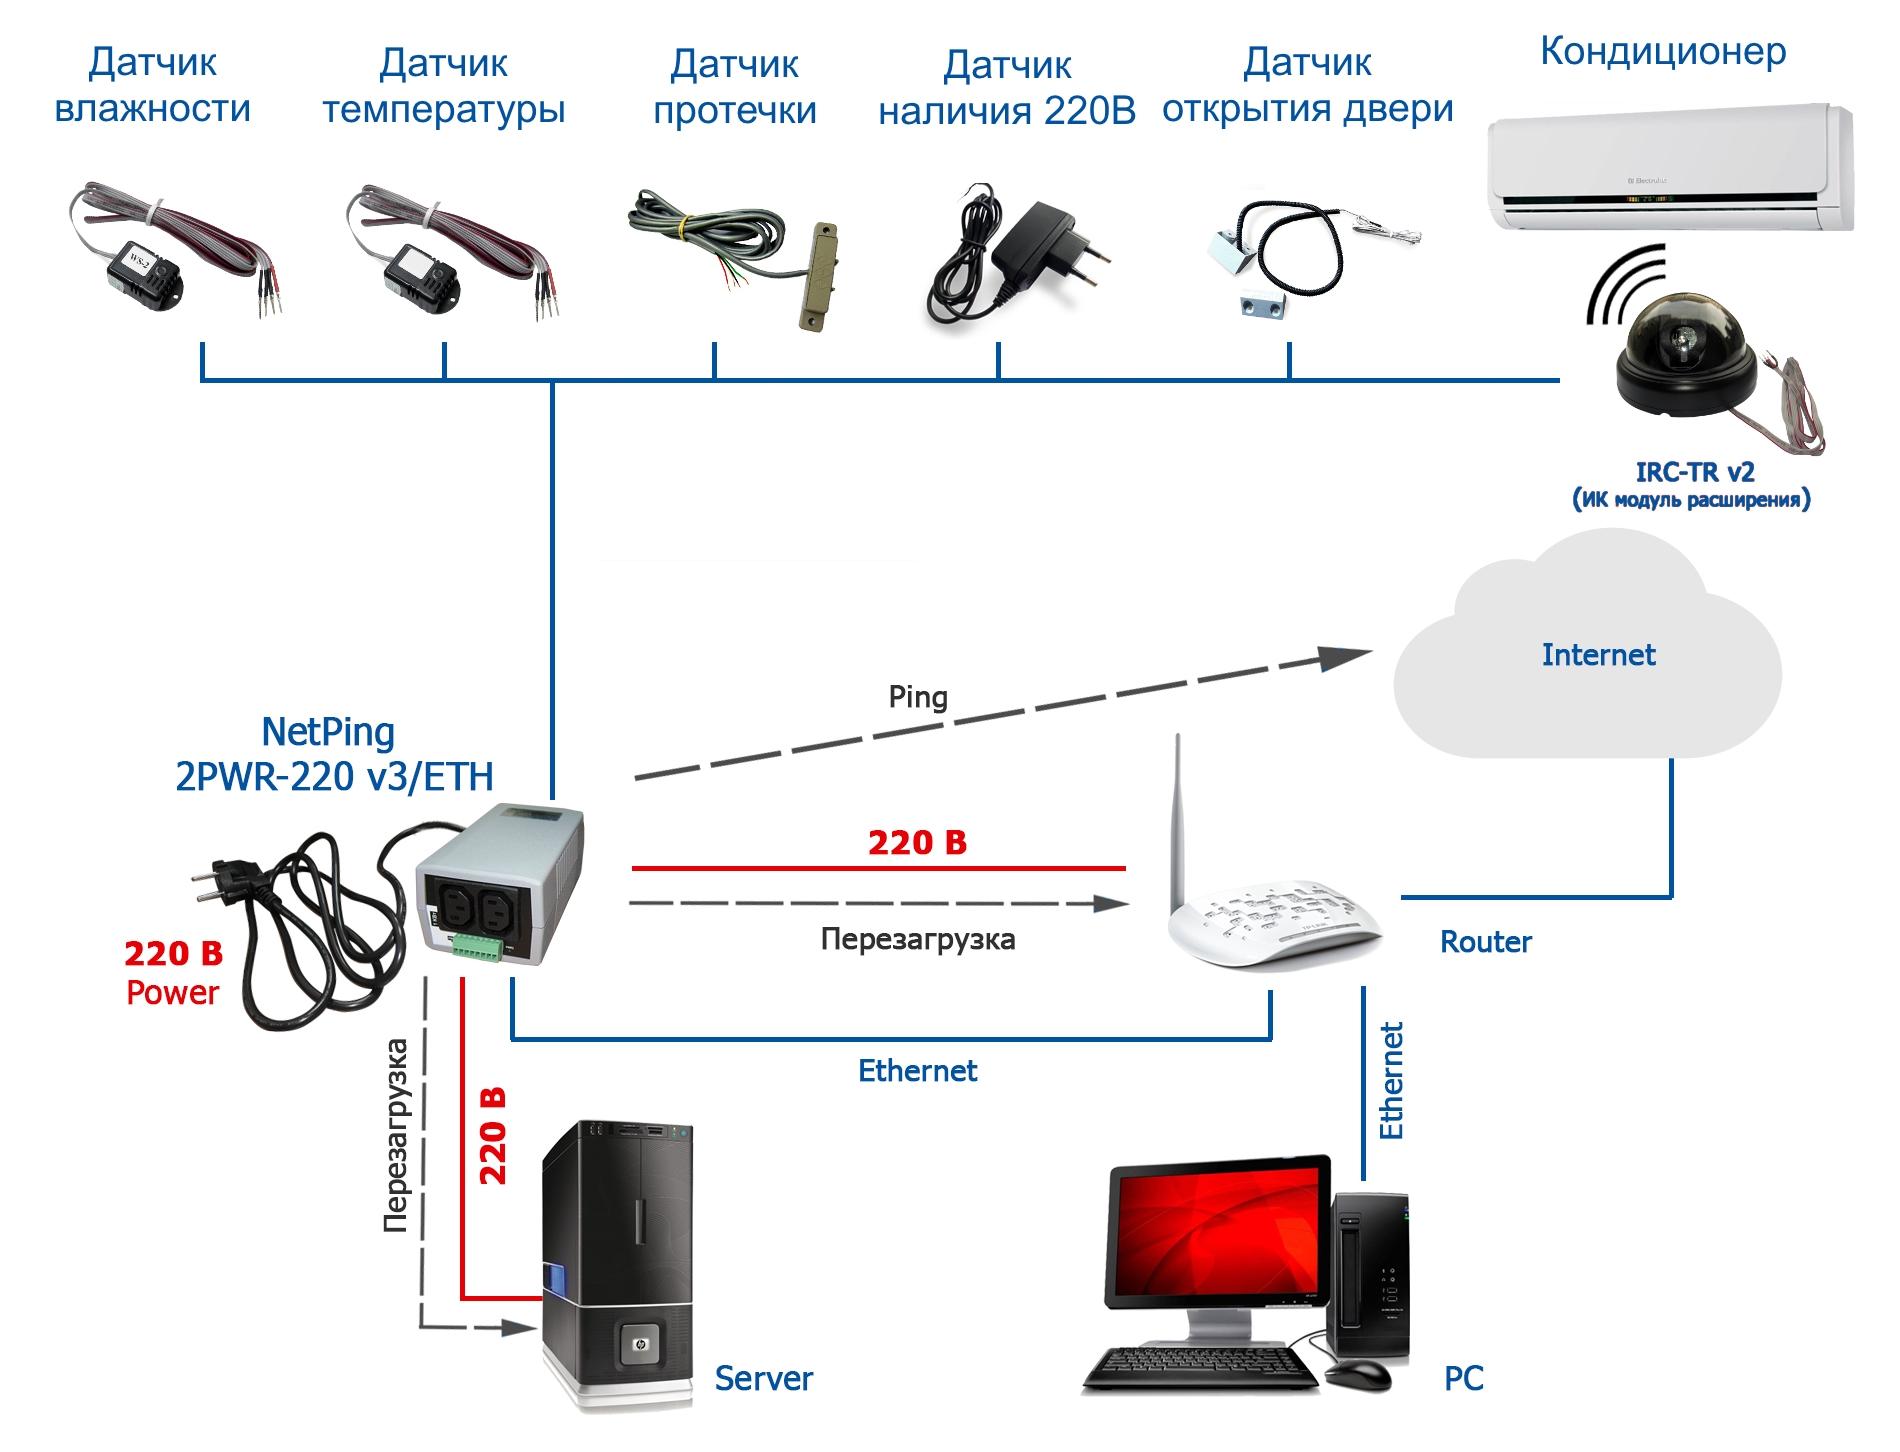 Подключение датчиков и внешних устройств к IP PDU NetPing 2/PWR-220 v3/ETH